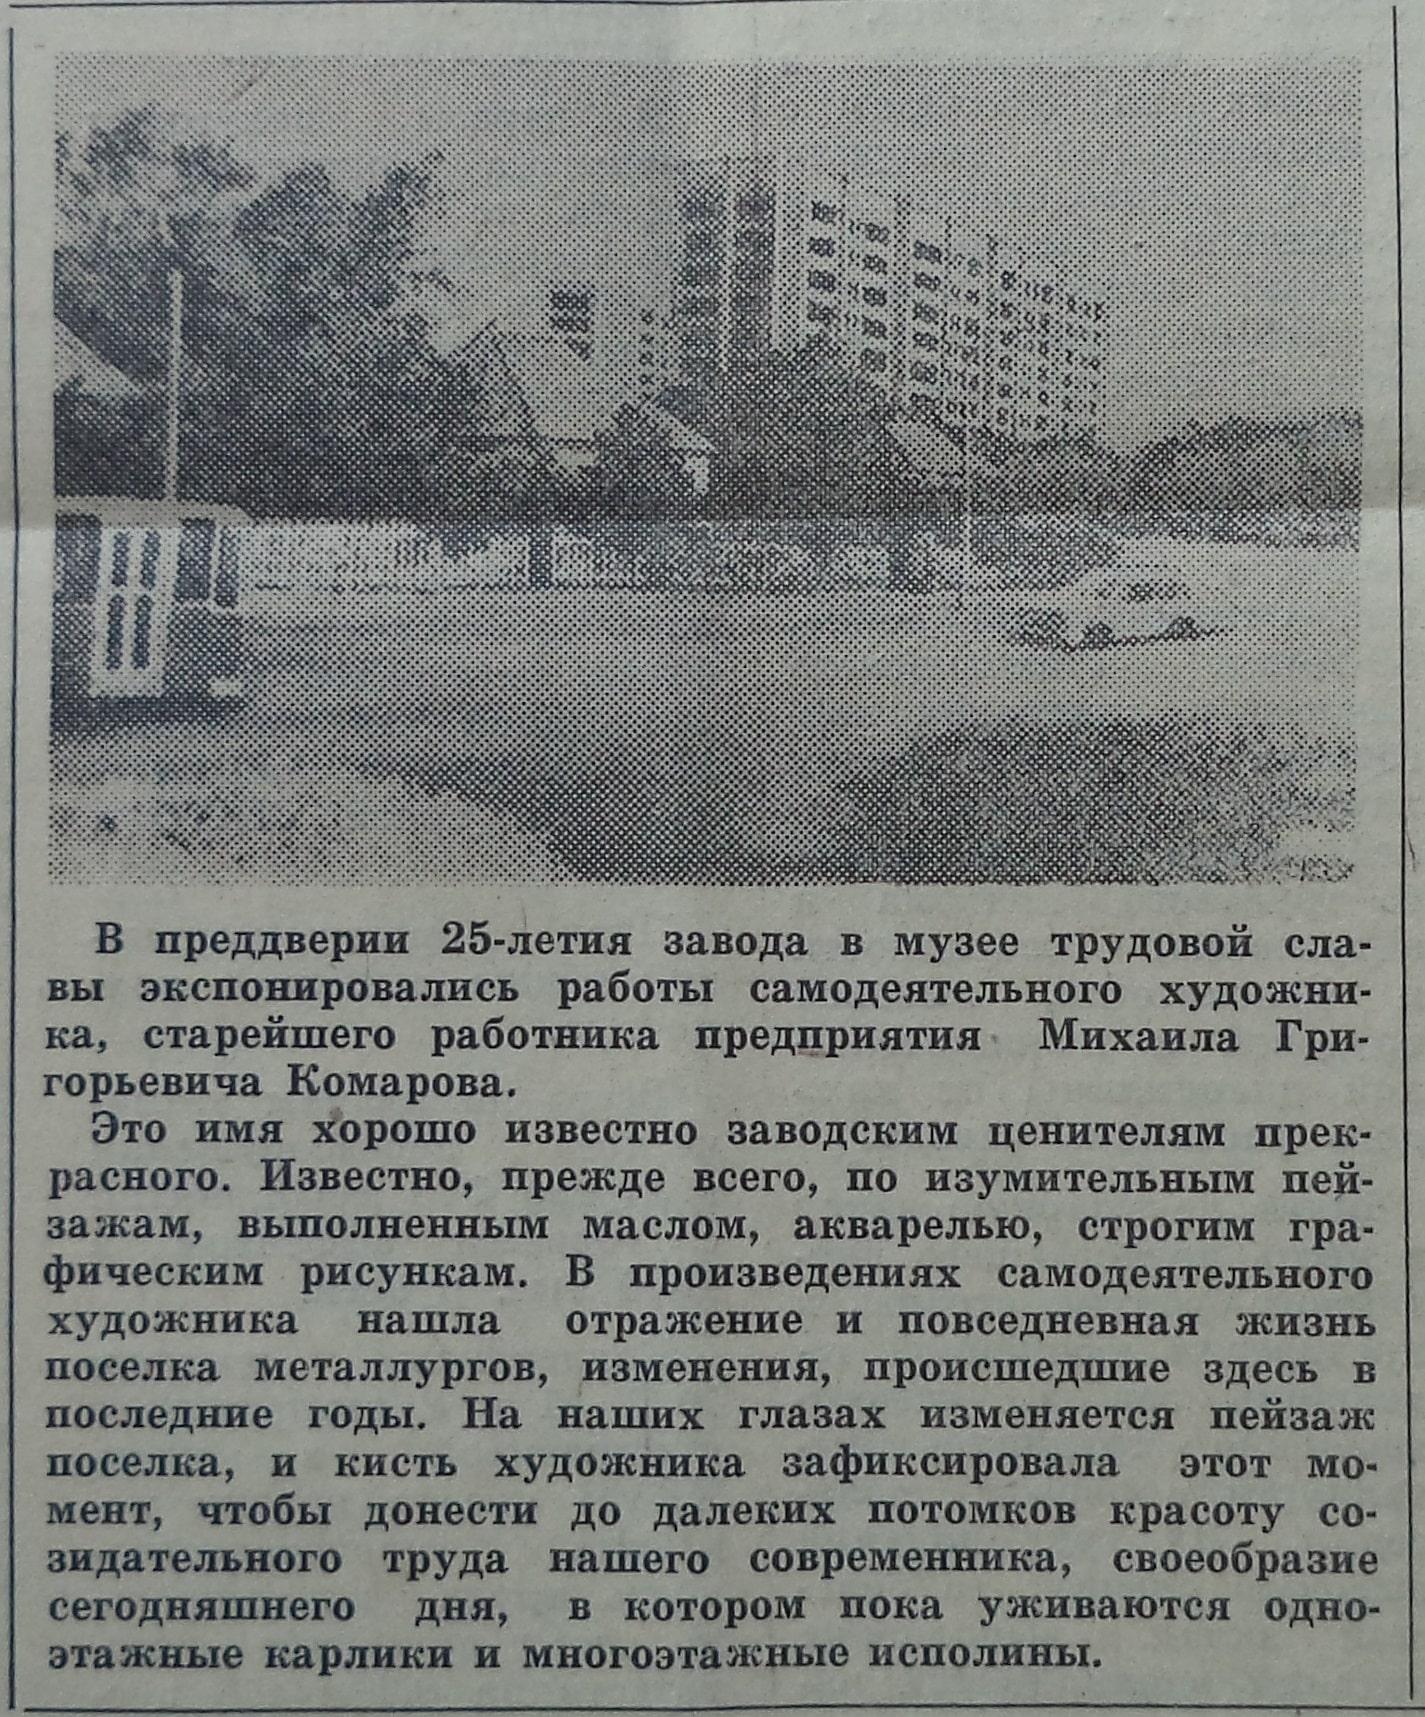 Республиканская-ФОТО-16-Рабочий-1985-26 июля